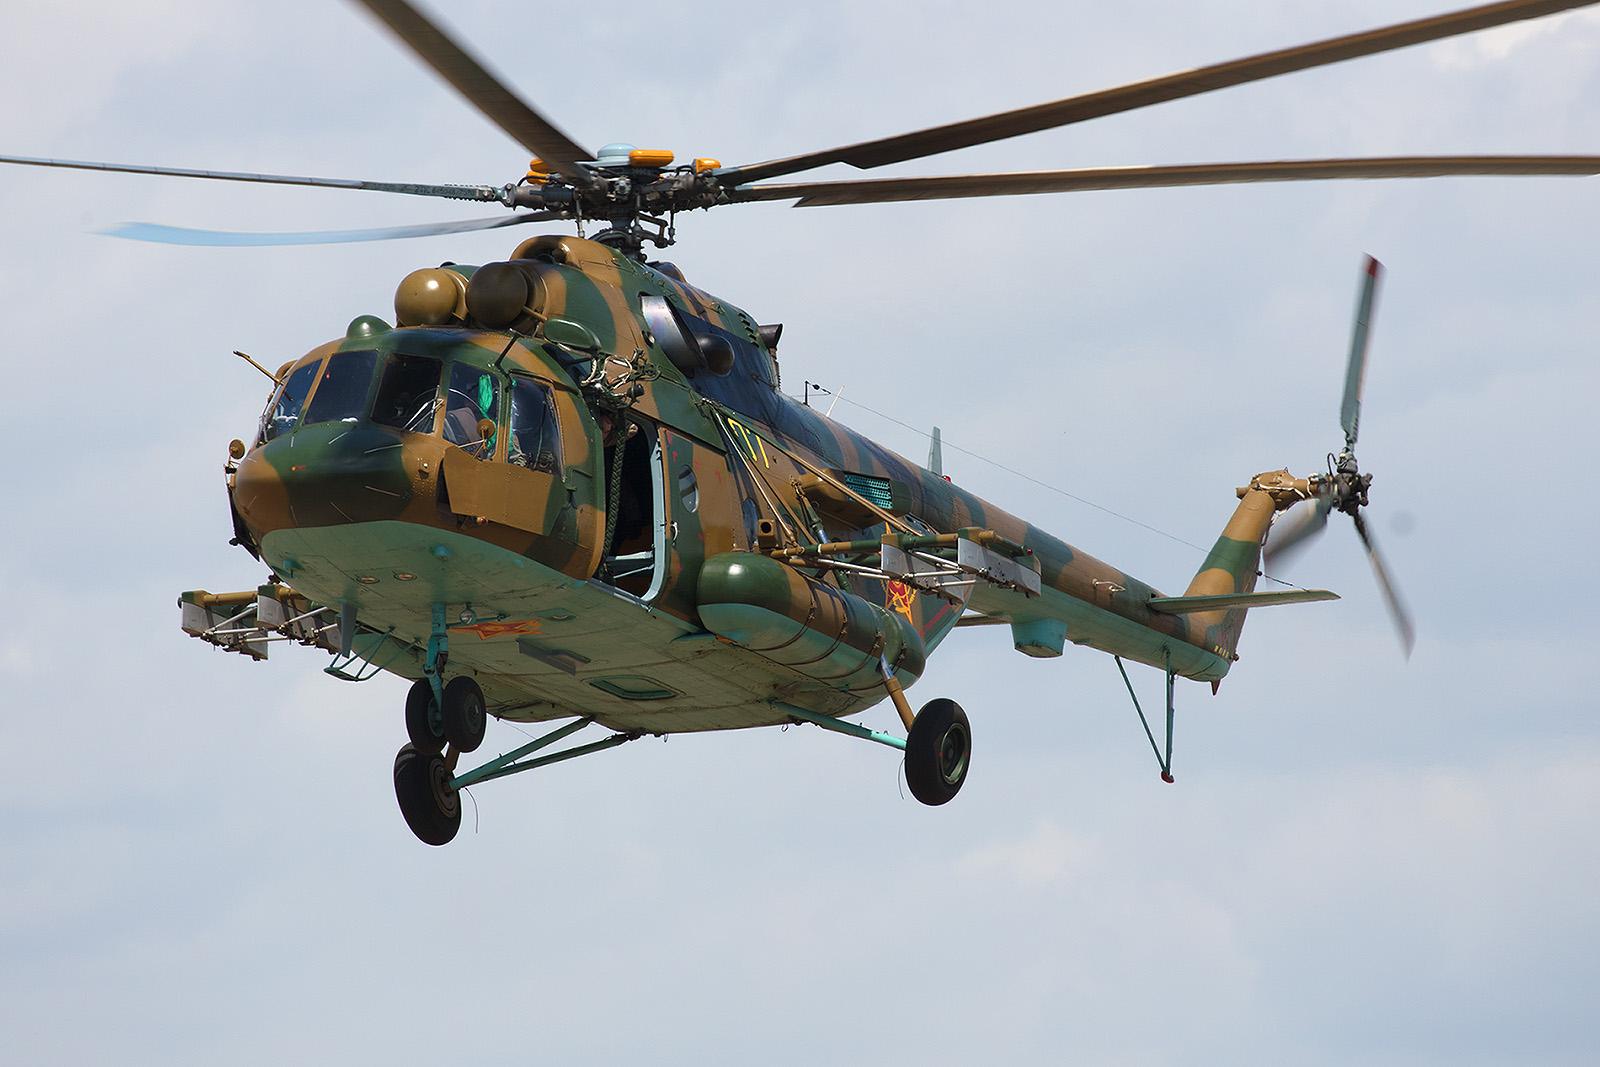 Die Mi-171 nähern sich, an der Seite sieht man die Panzerung für das Cockpit.